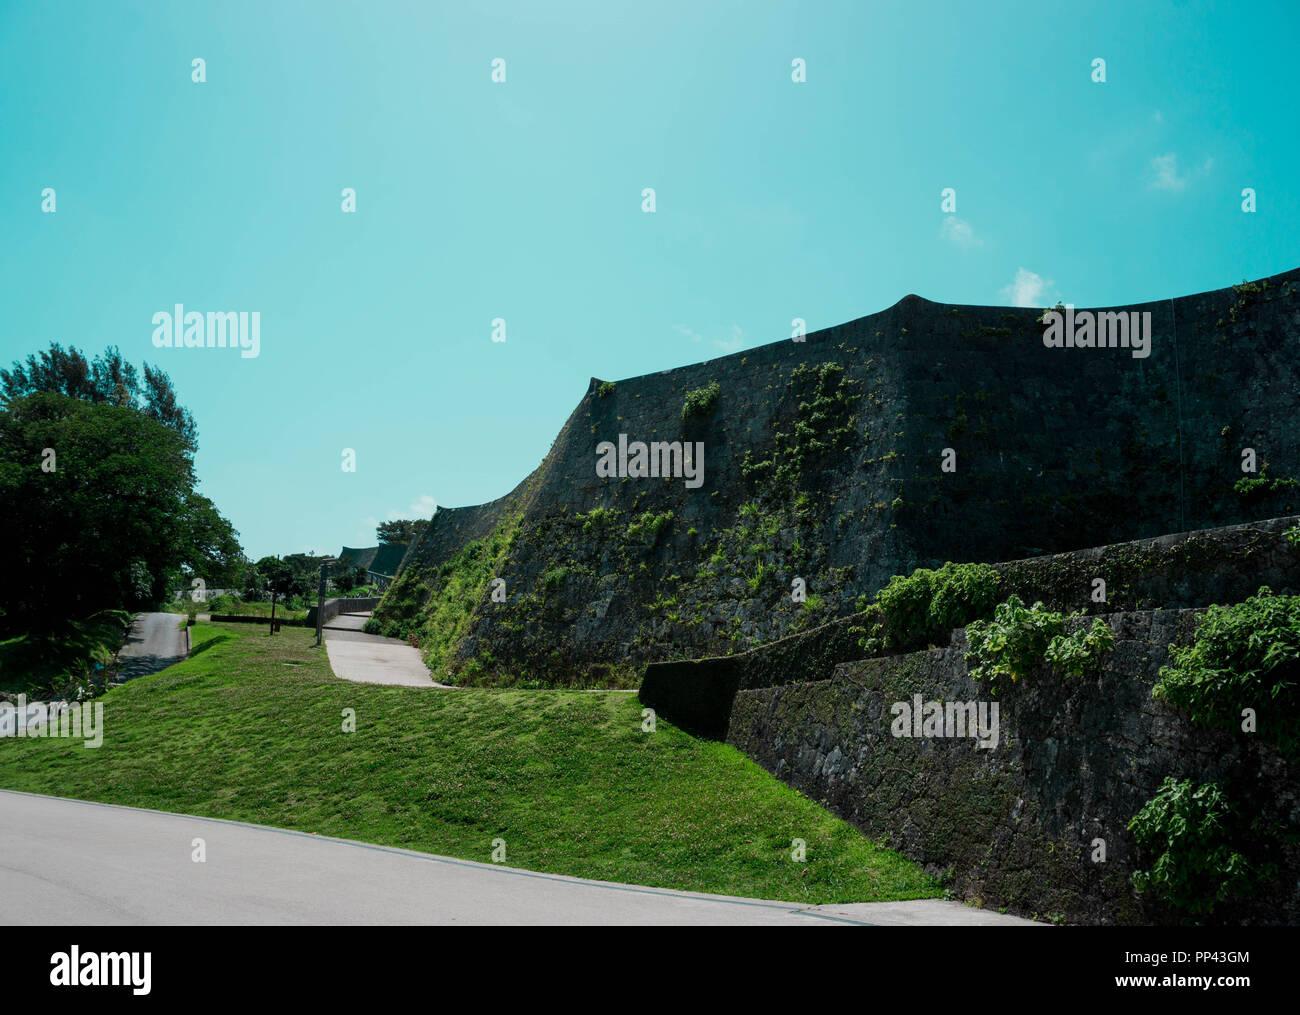 Ausflug zu der Burg Urasoe. in der Hauptstadt von Okinawa. - Stock Image